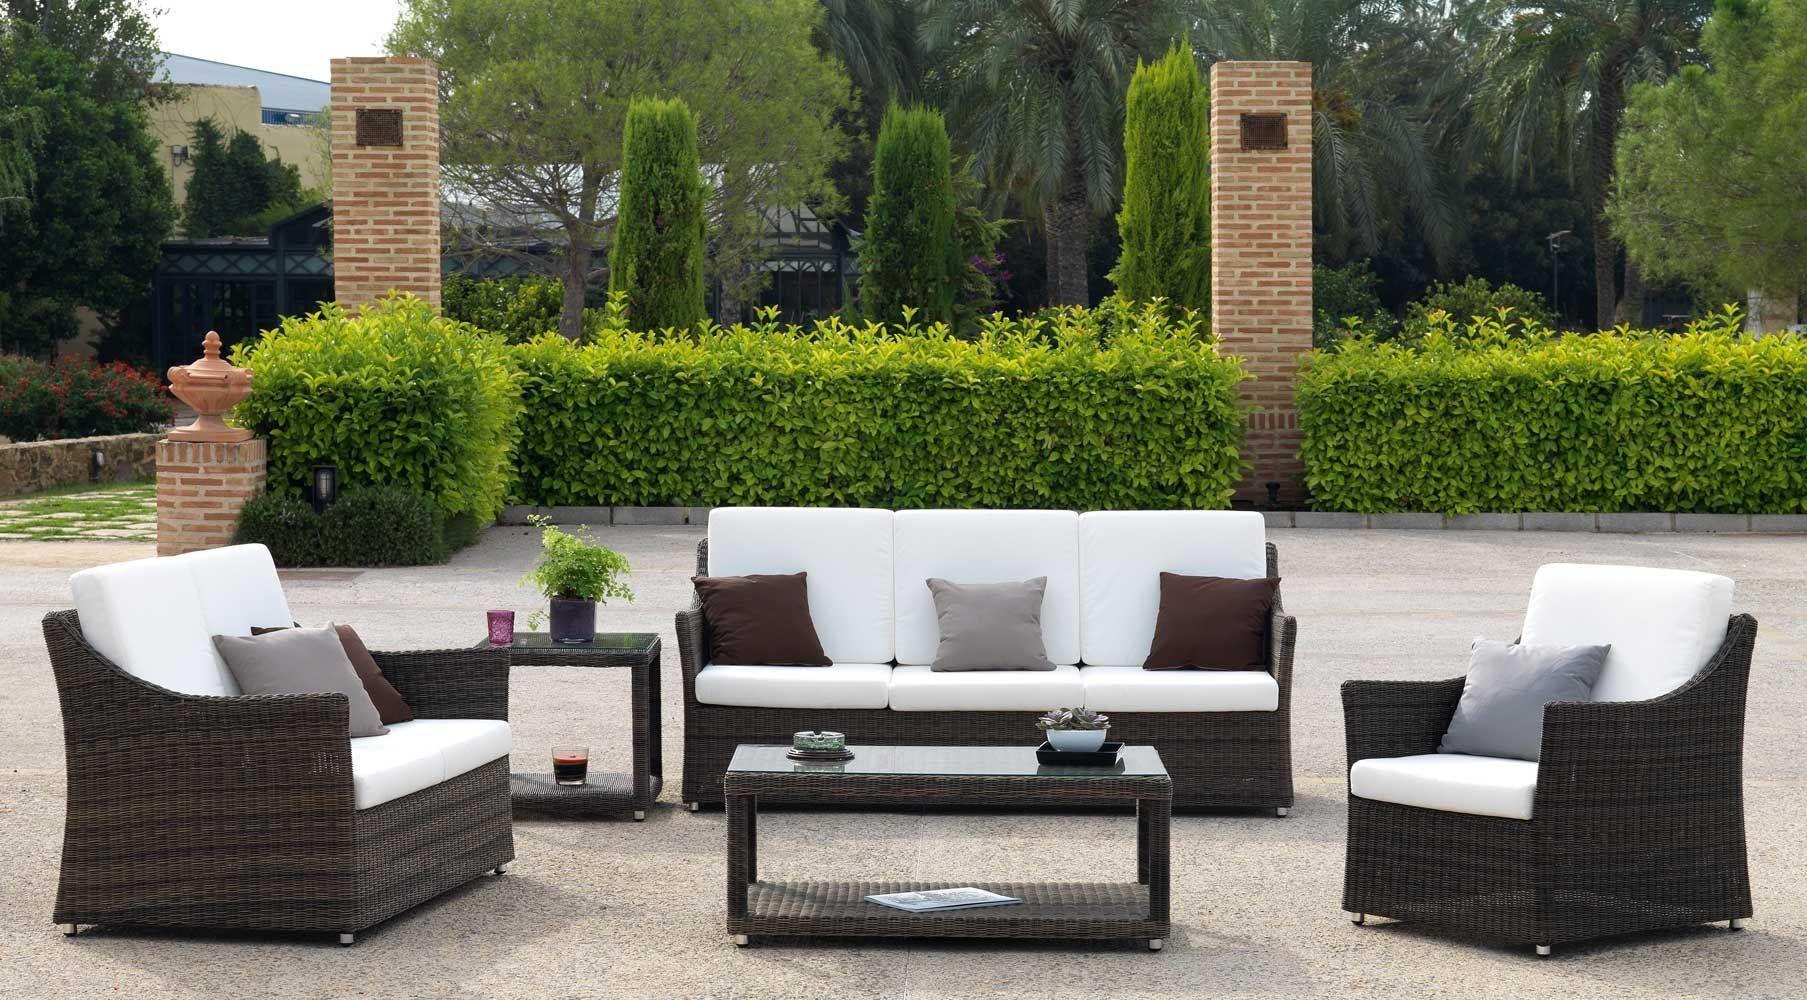 Muebles de rattan sintetico para jardin sofas de rattan for Muebles de jardin rattan